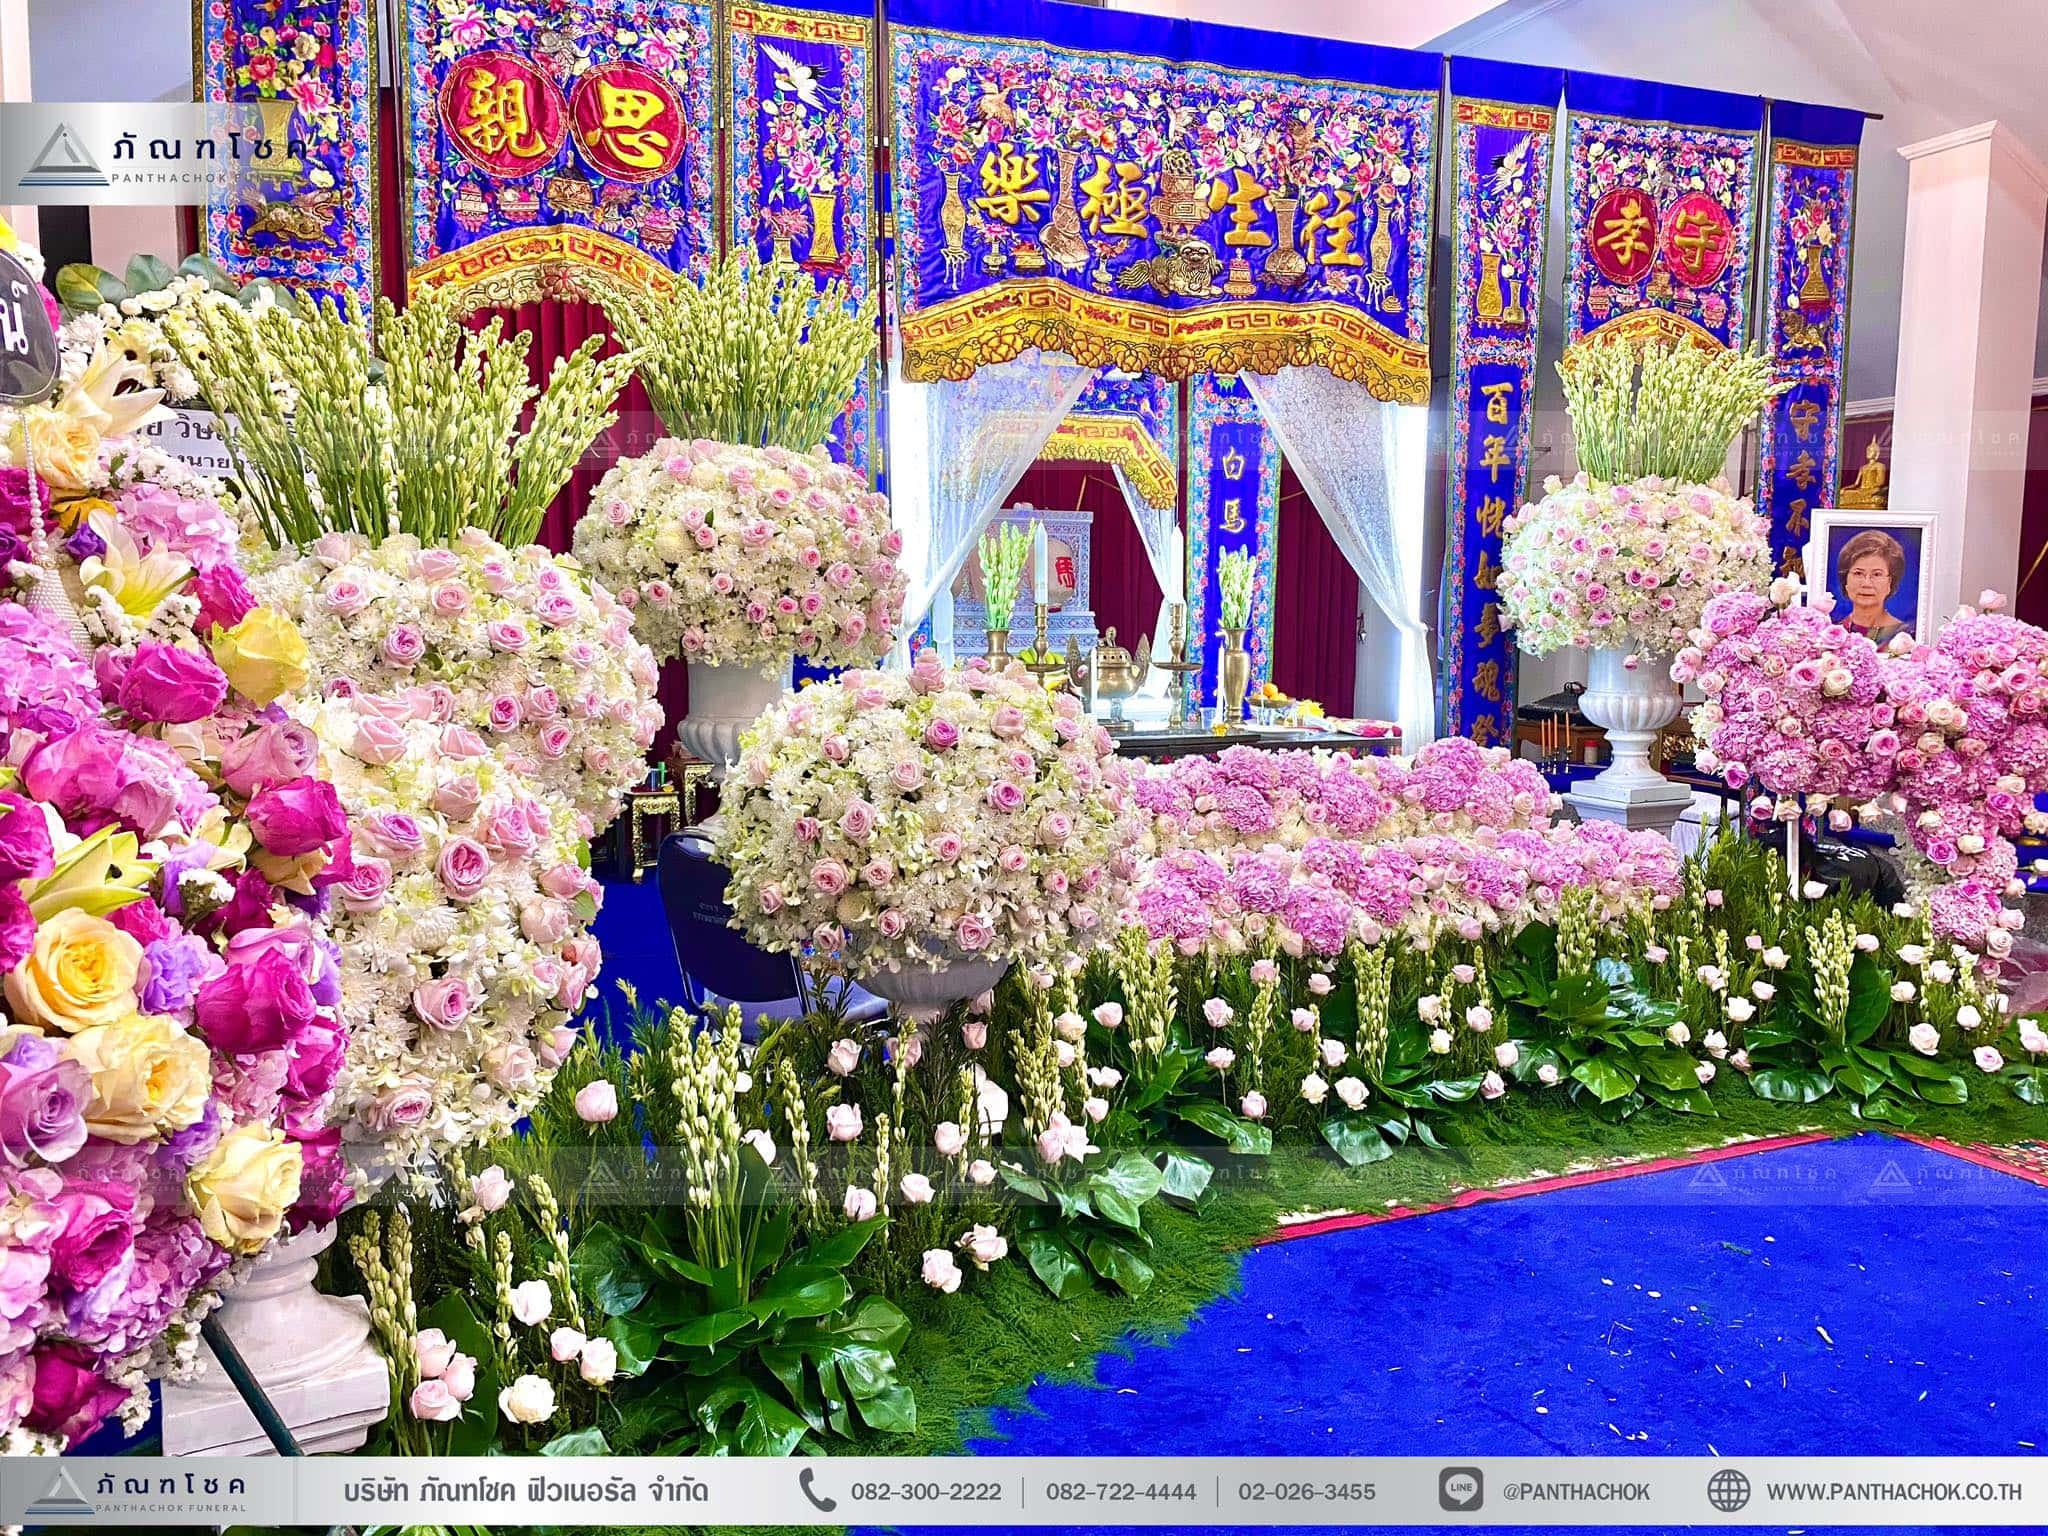 ดอกไม้งานศพโมเดิร์น ดอกไม้สวยงามๆจัดงานศพทั่วประเทศ